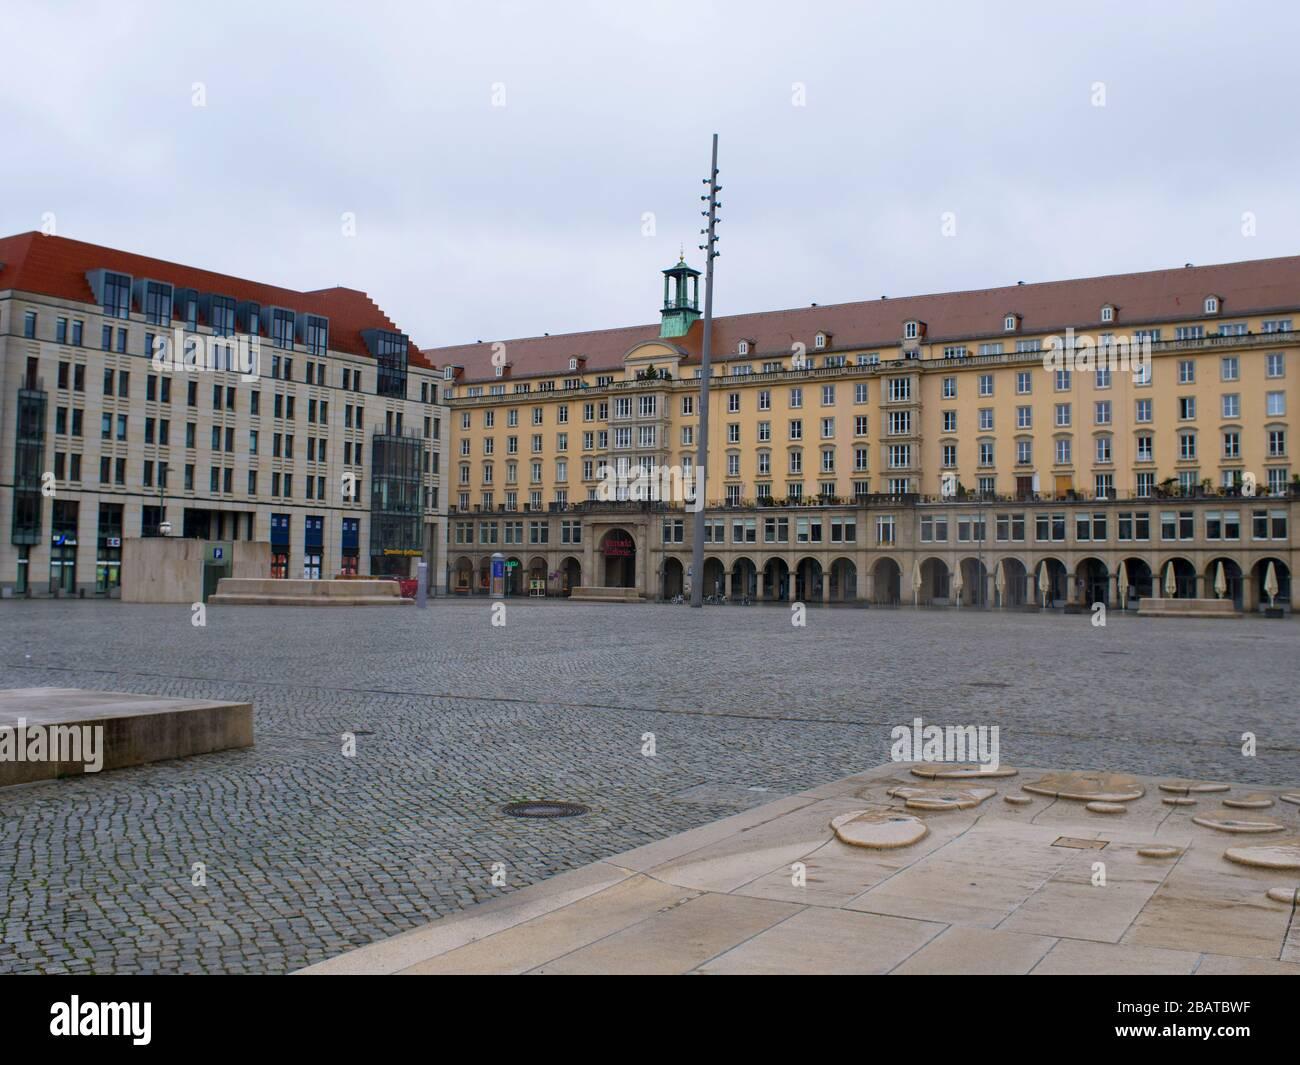 Altmarkt Dresden während Coronavirus Lockdown im Regen COVID-19 Ausgangsbeschränkung innere Altstadt Foto de stock